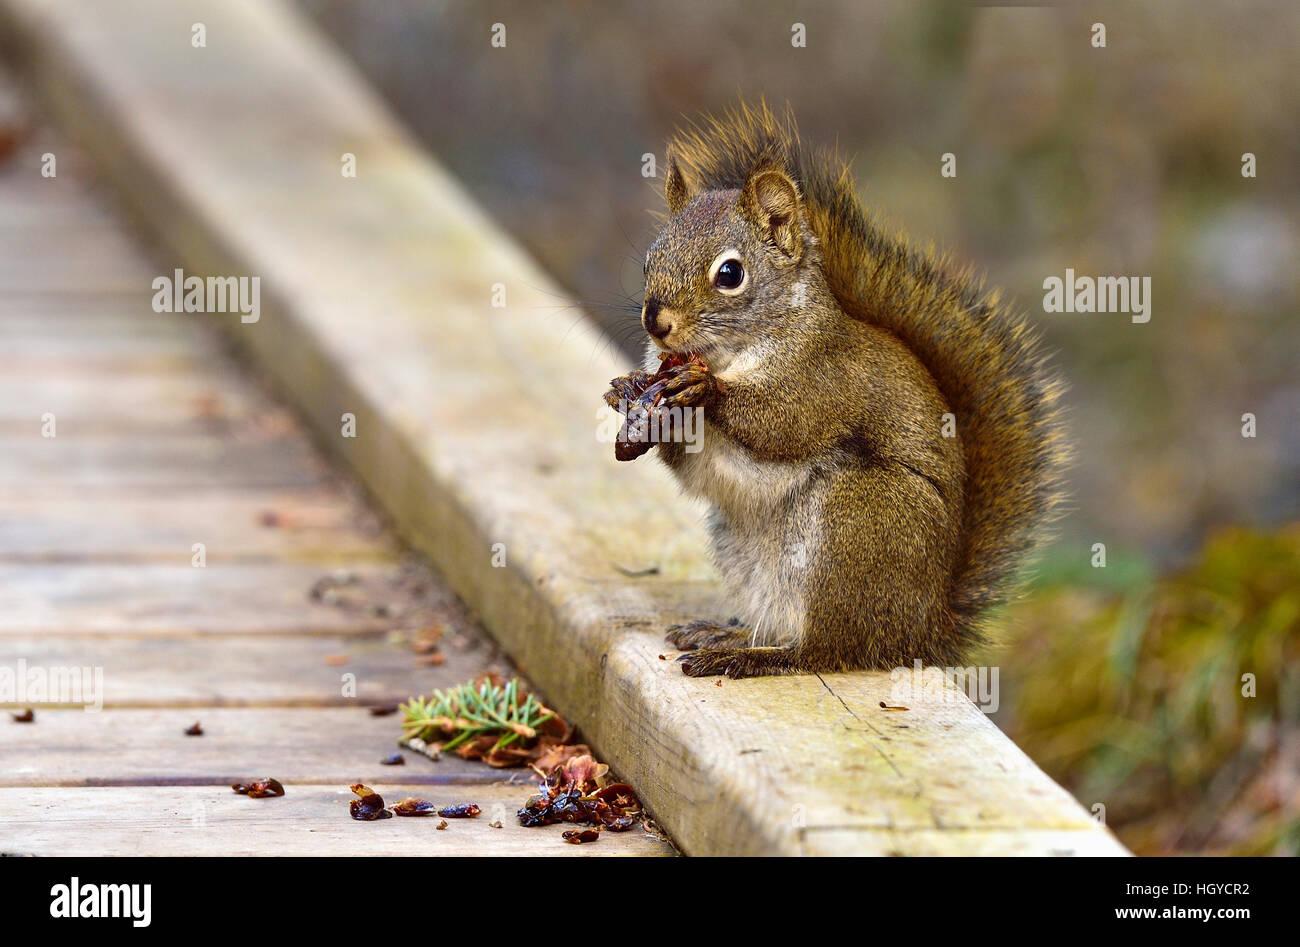 Uno scoiattolo rosso Tamiasciurus hudsonicus; seduta su di una passerella tenendo un abete rosso cono fra i suoi Immagini Stock